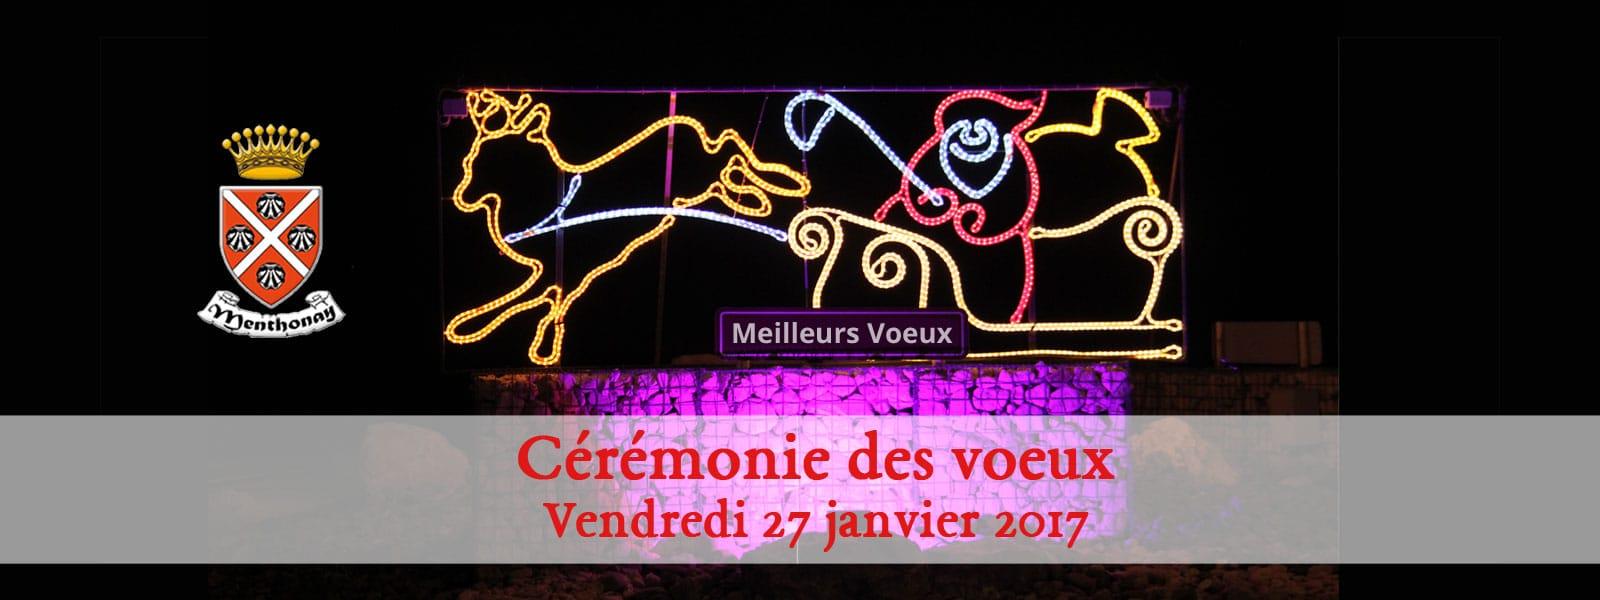 Invitation à la cérémonie des vœux le 27 janvier 2017 à 19h30